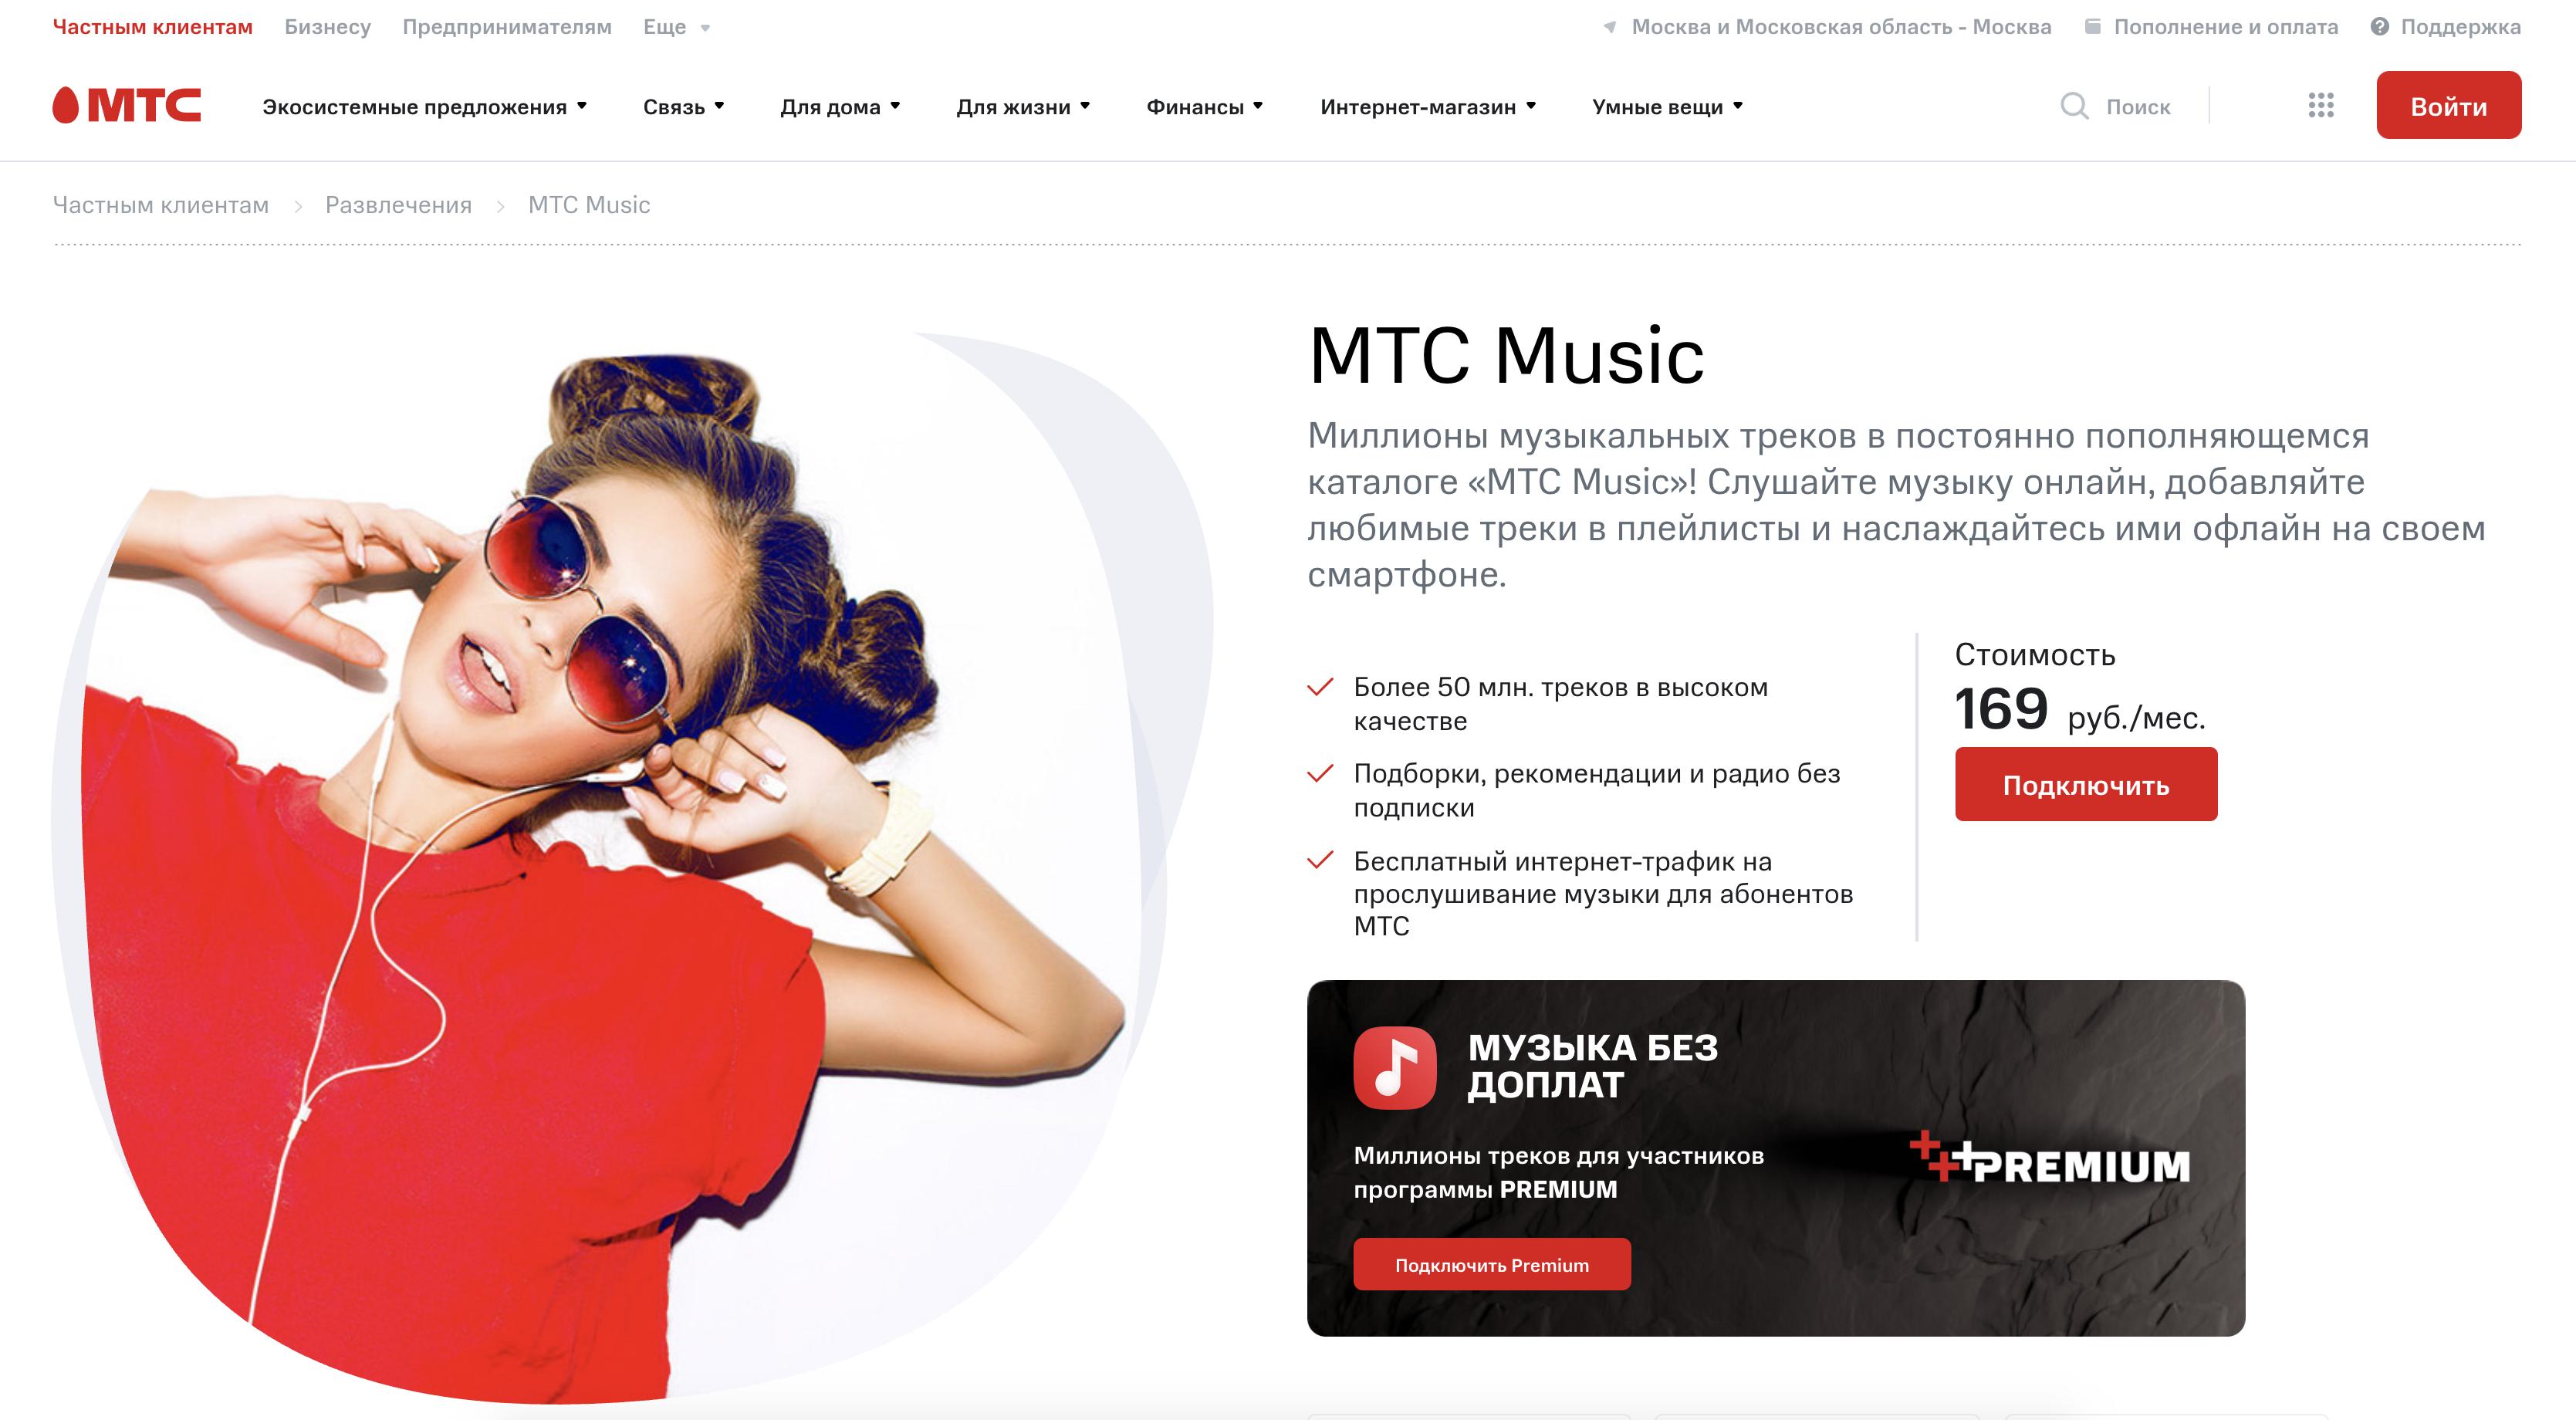 мтс music описание услуги мтс